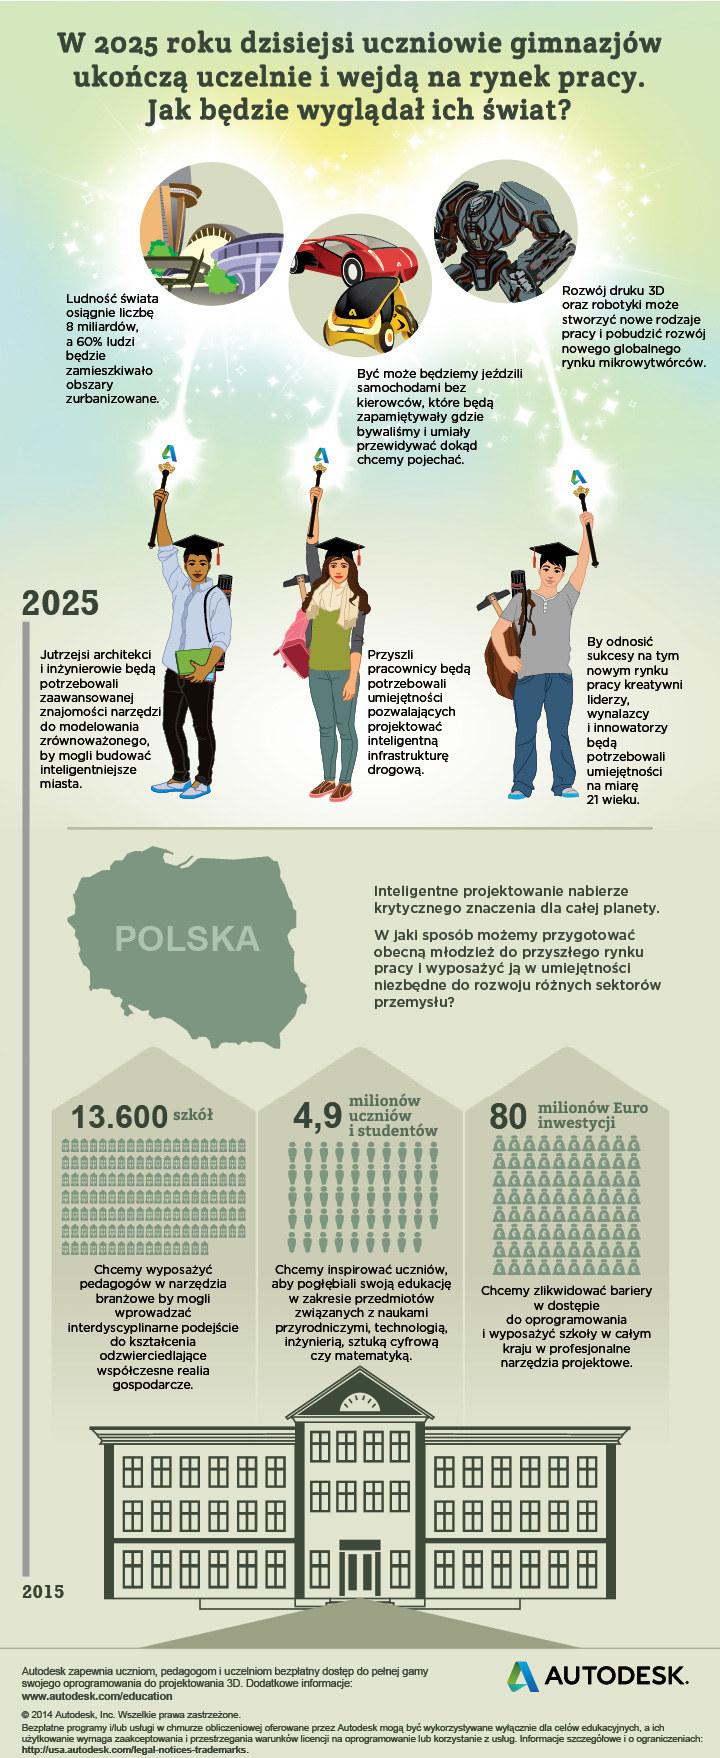 Infografika przygotowana przez Autodesk /materiały prasowe